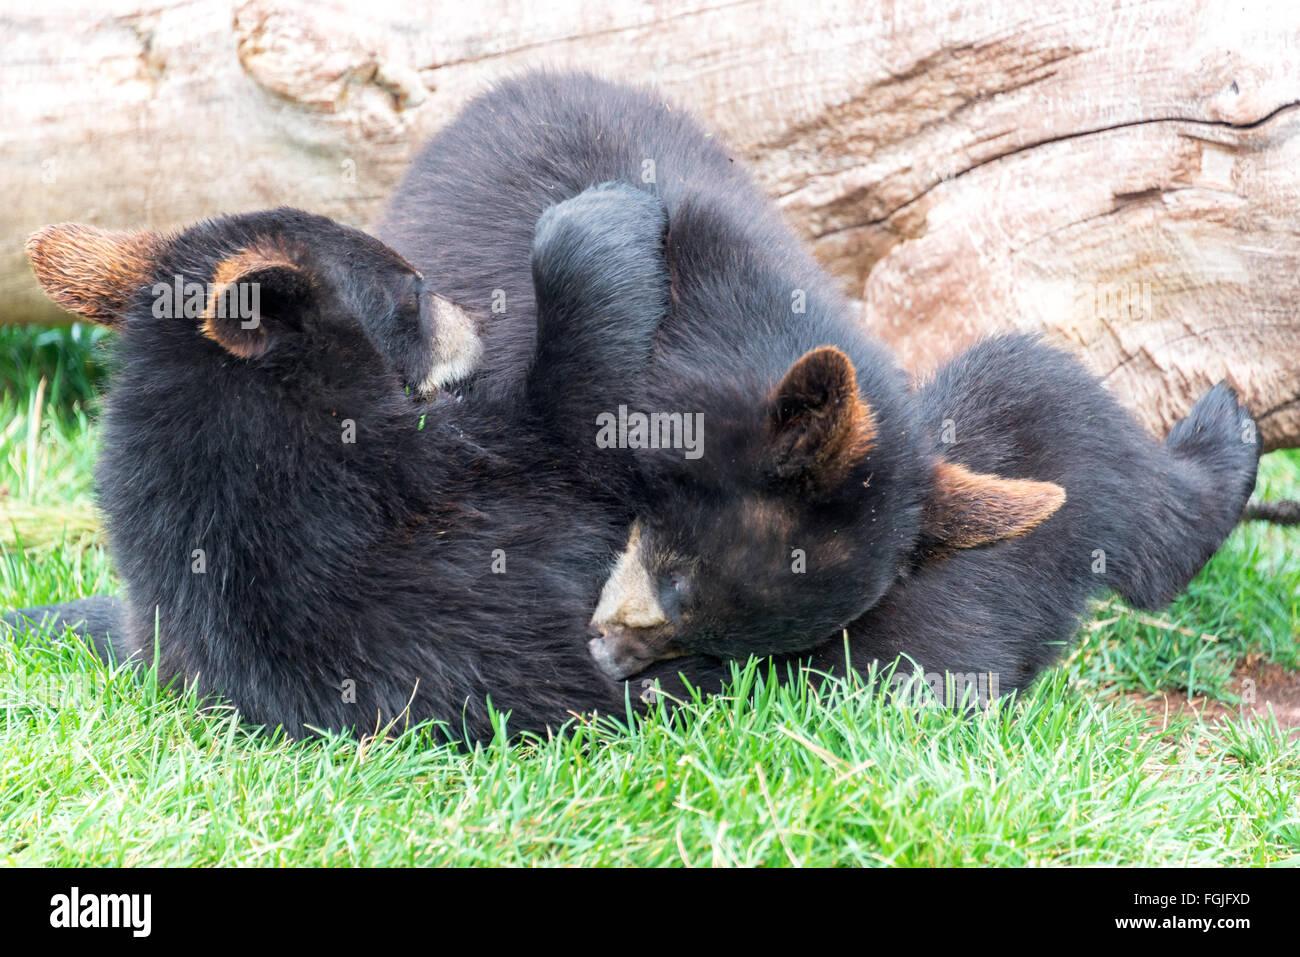 Playful black bear cubs - Stock Image